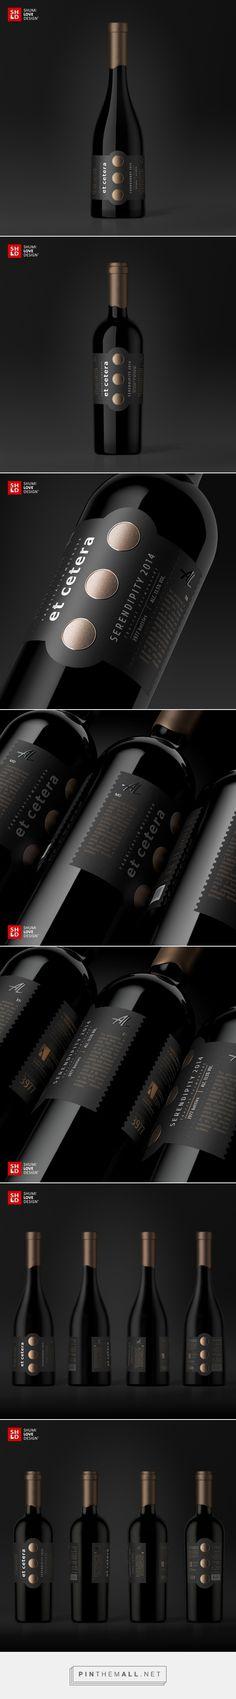 Et Cetera Premium wine label design by Shumi Love Design - http://www.packagingoftheworld.com/2016/12/et-cetera-premium.html